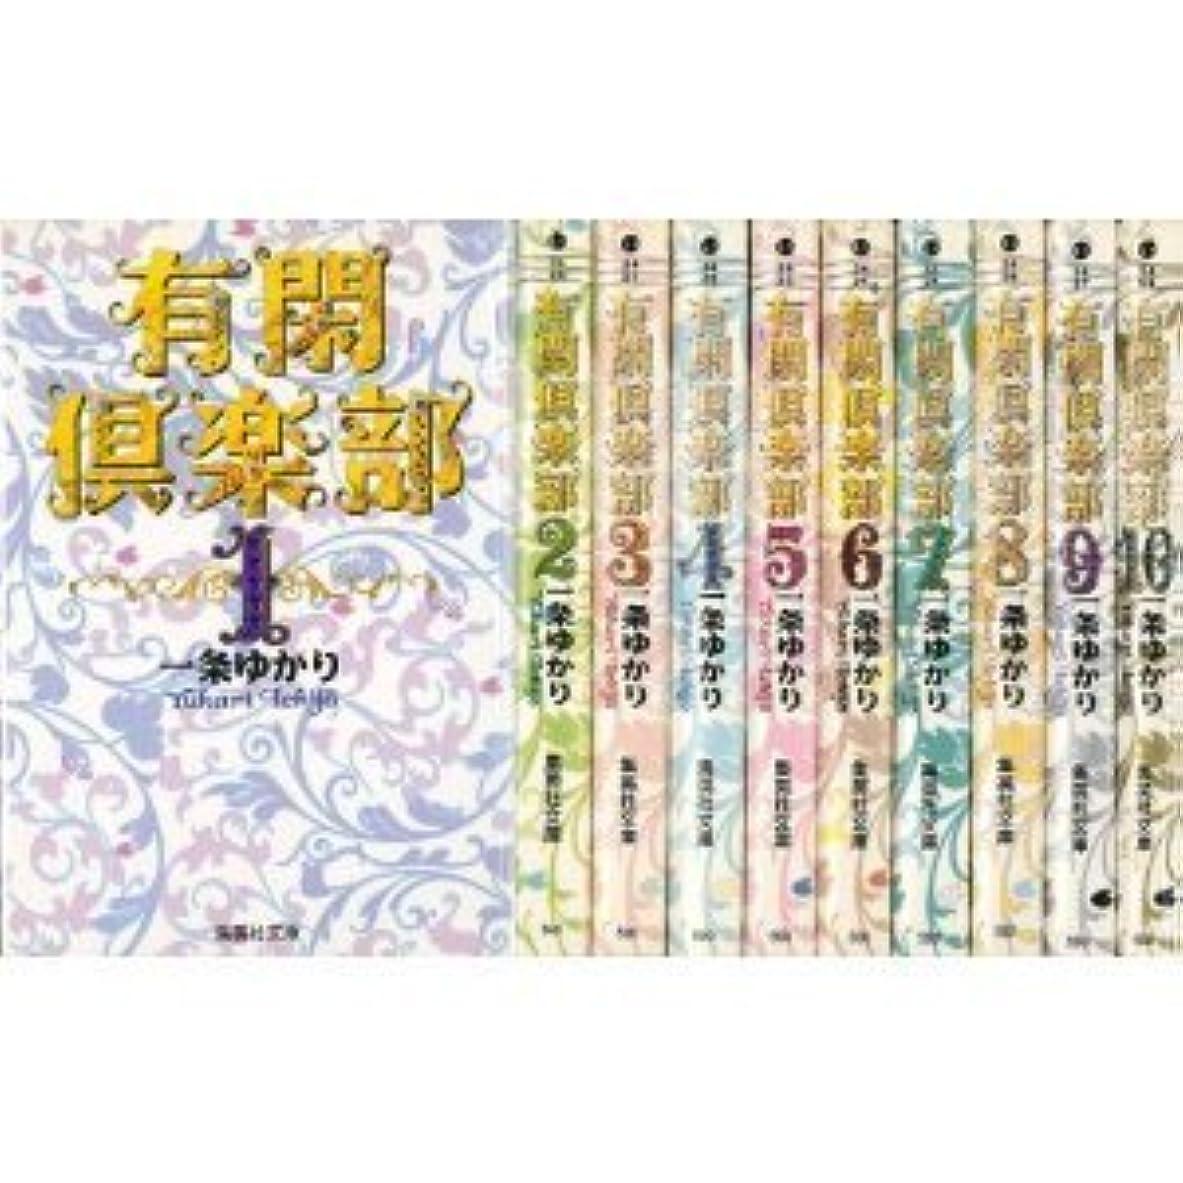 虚栄心風変わりなシアー有閑倶楽部 文庫版 コミック 1-11巻セット (集英社文庫)